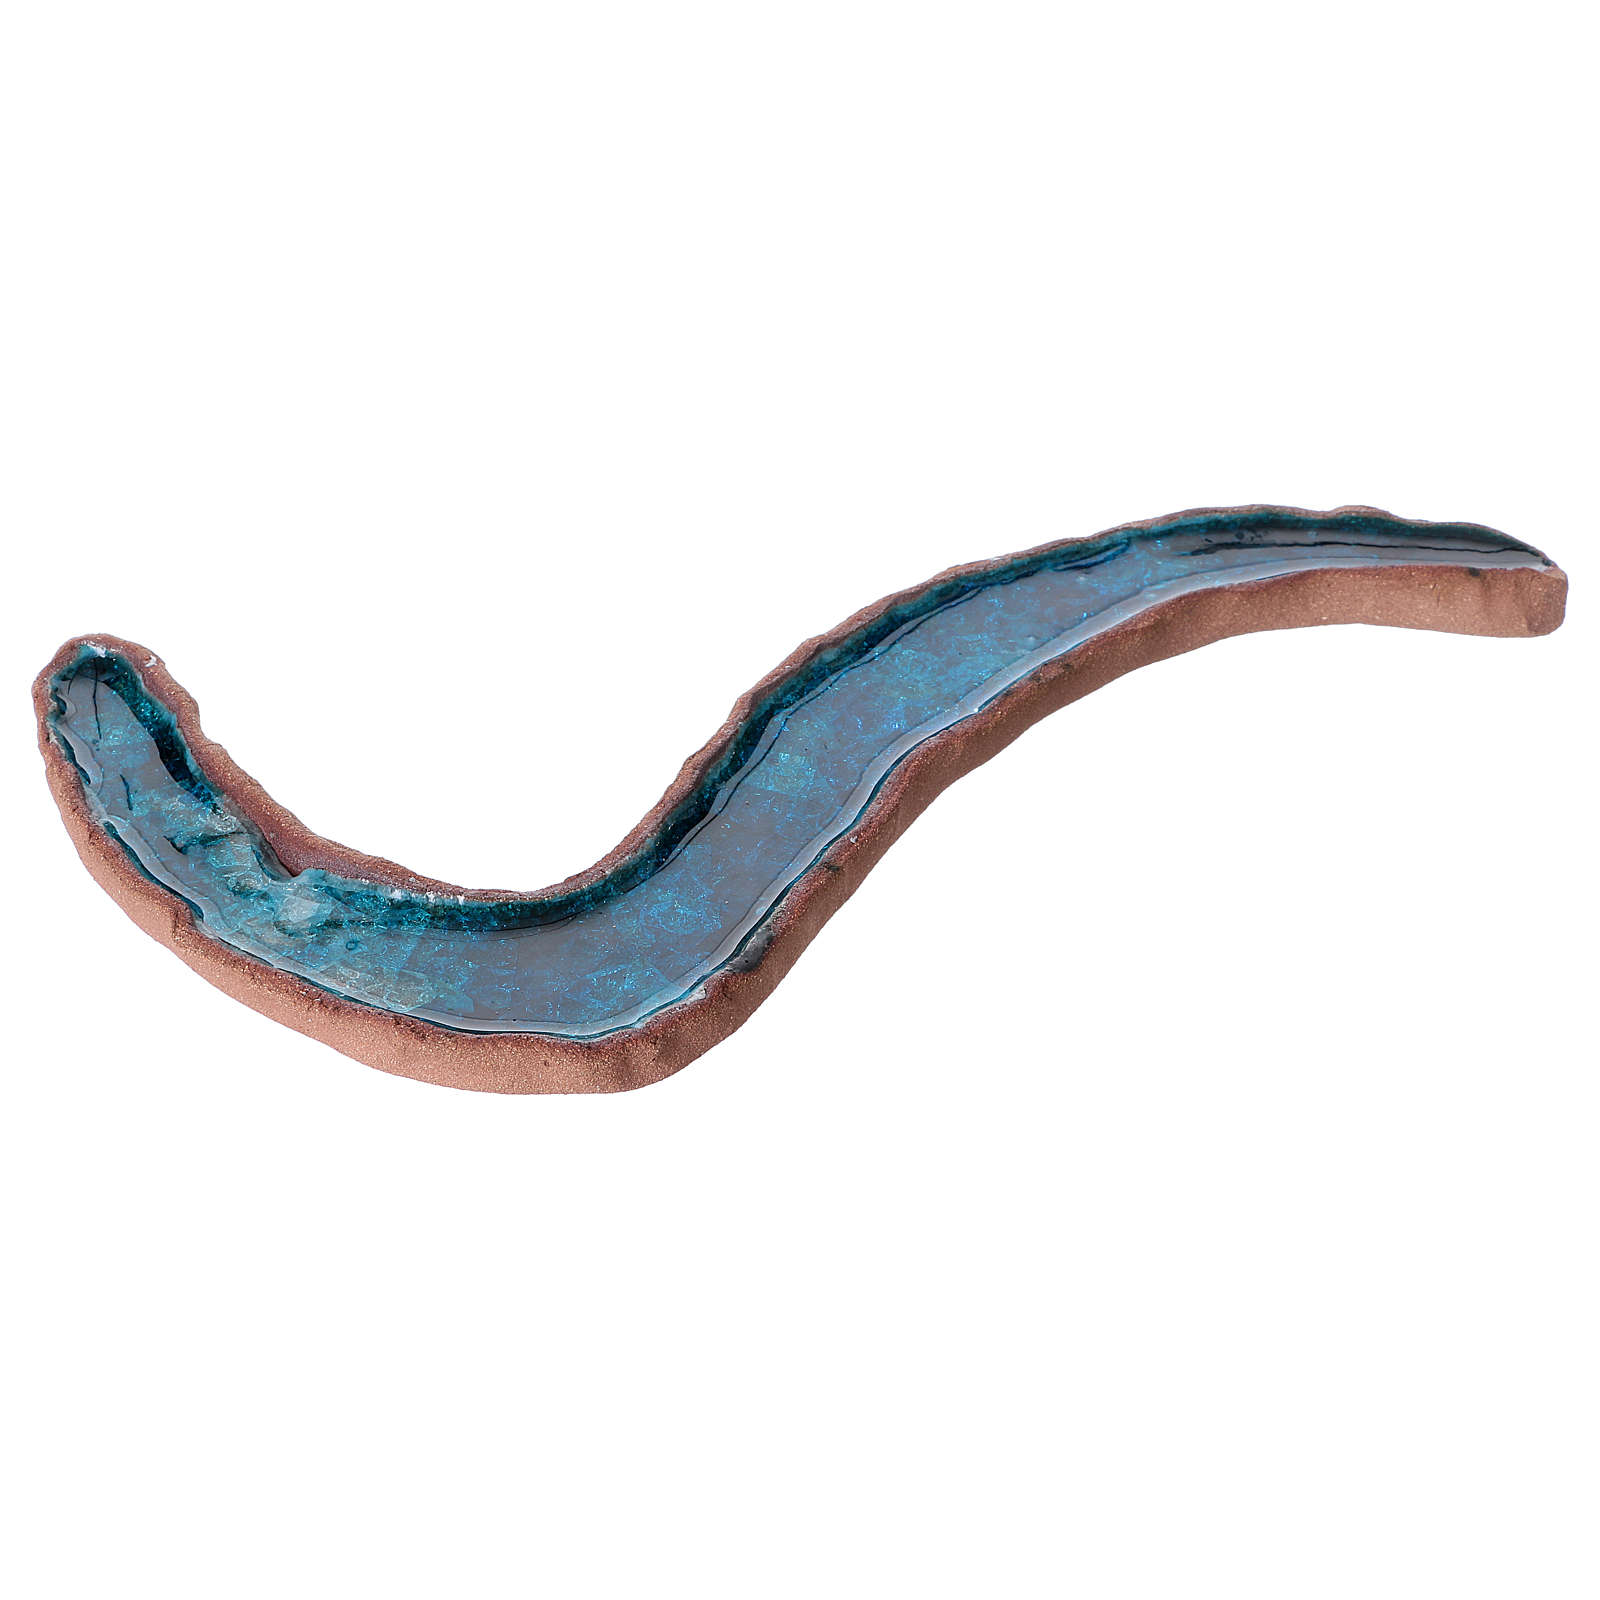 Fiumiciattolo doppia ansa ceramica smaltata 5x30x15 cm 4